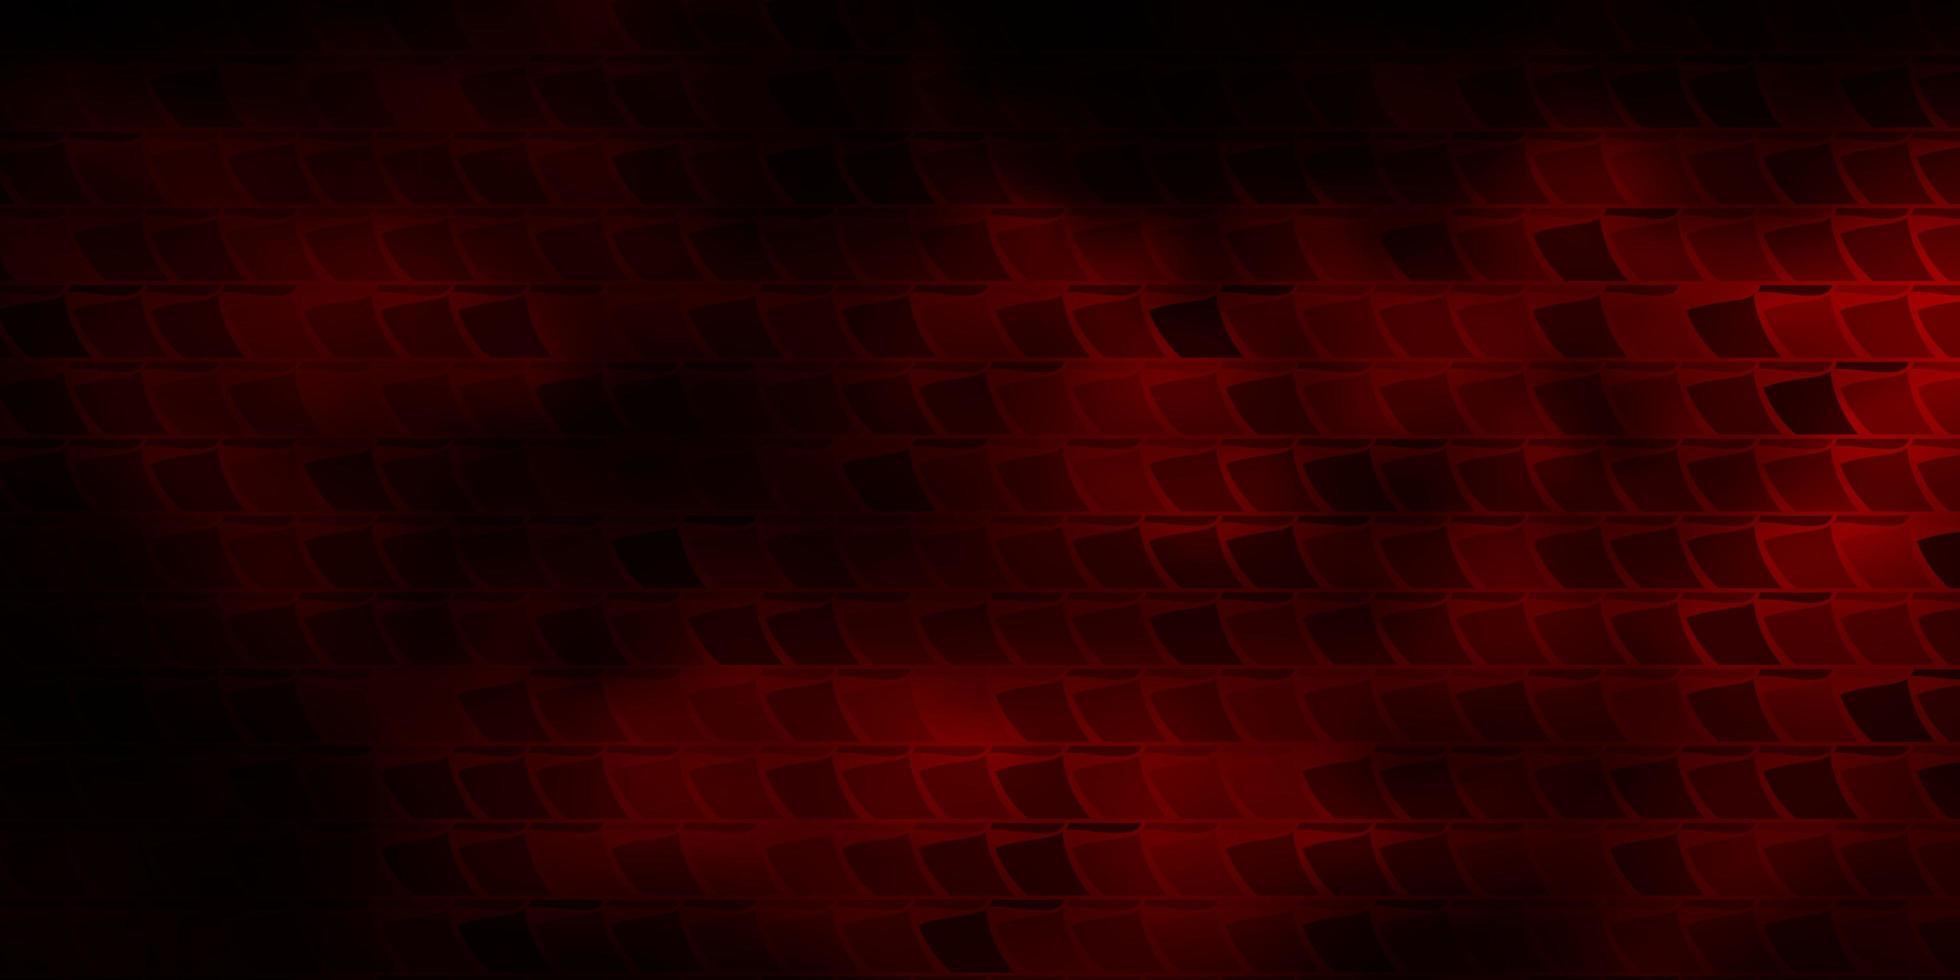 disposition de vecteur rouge foncé avec des lignes, des rectangles.